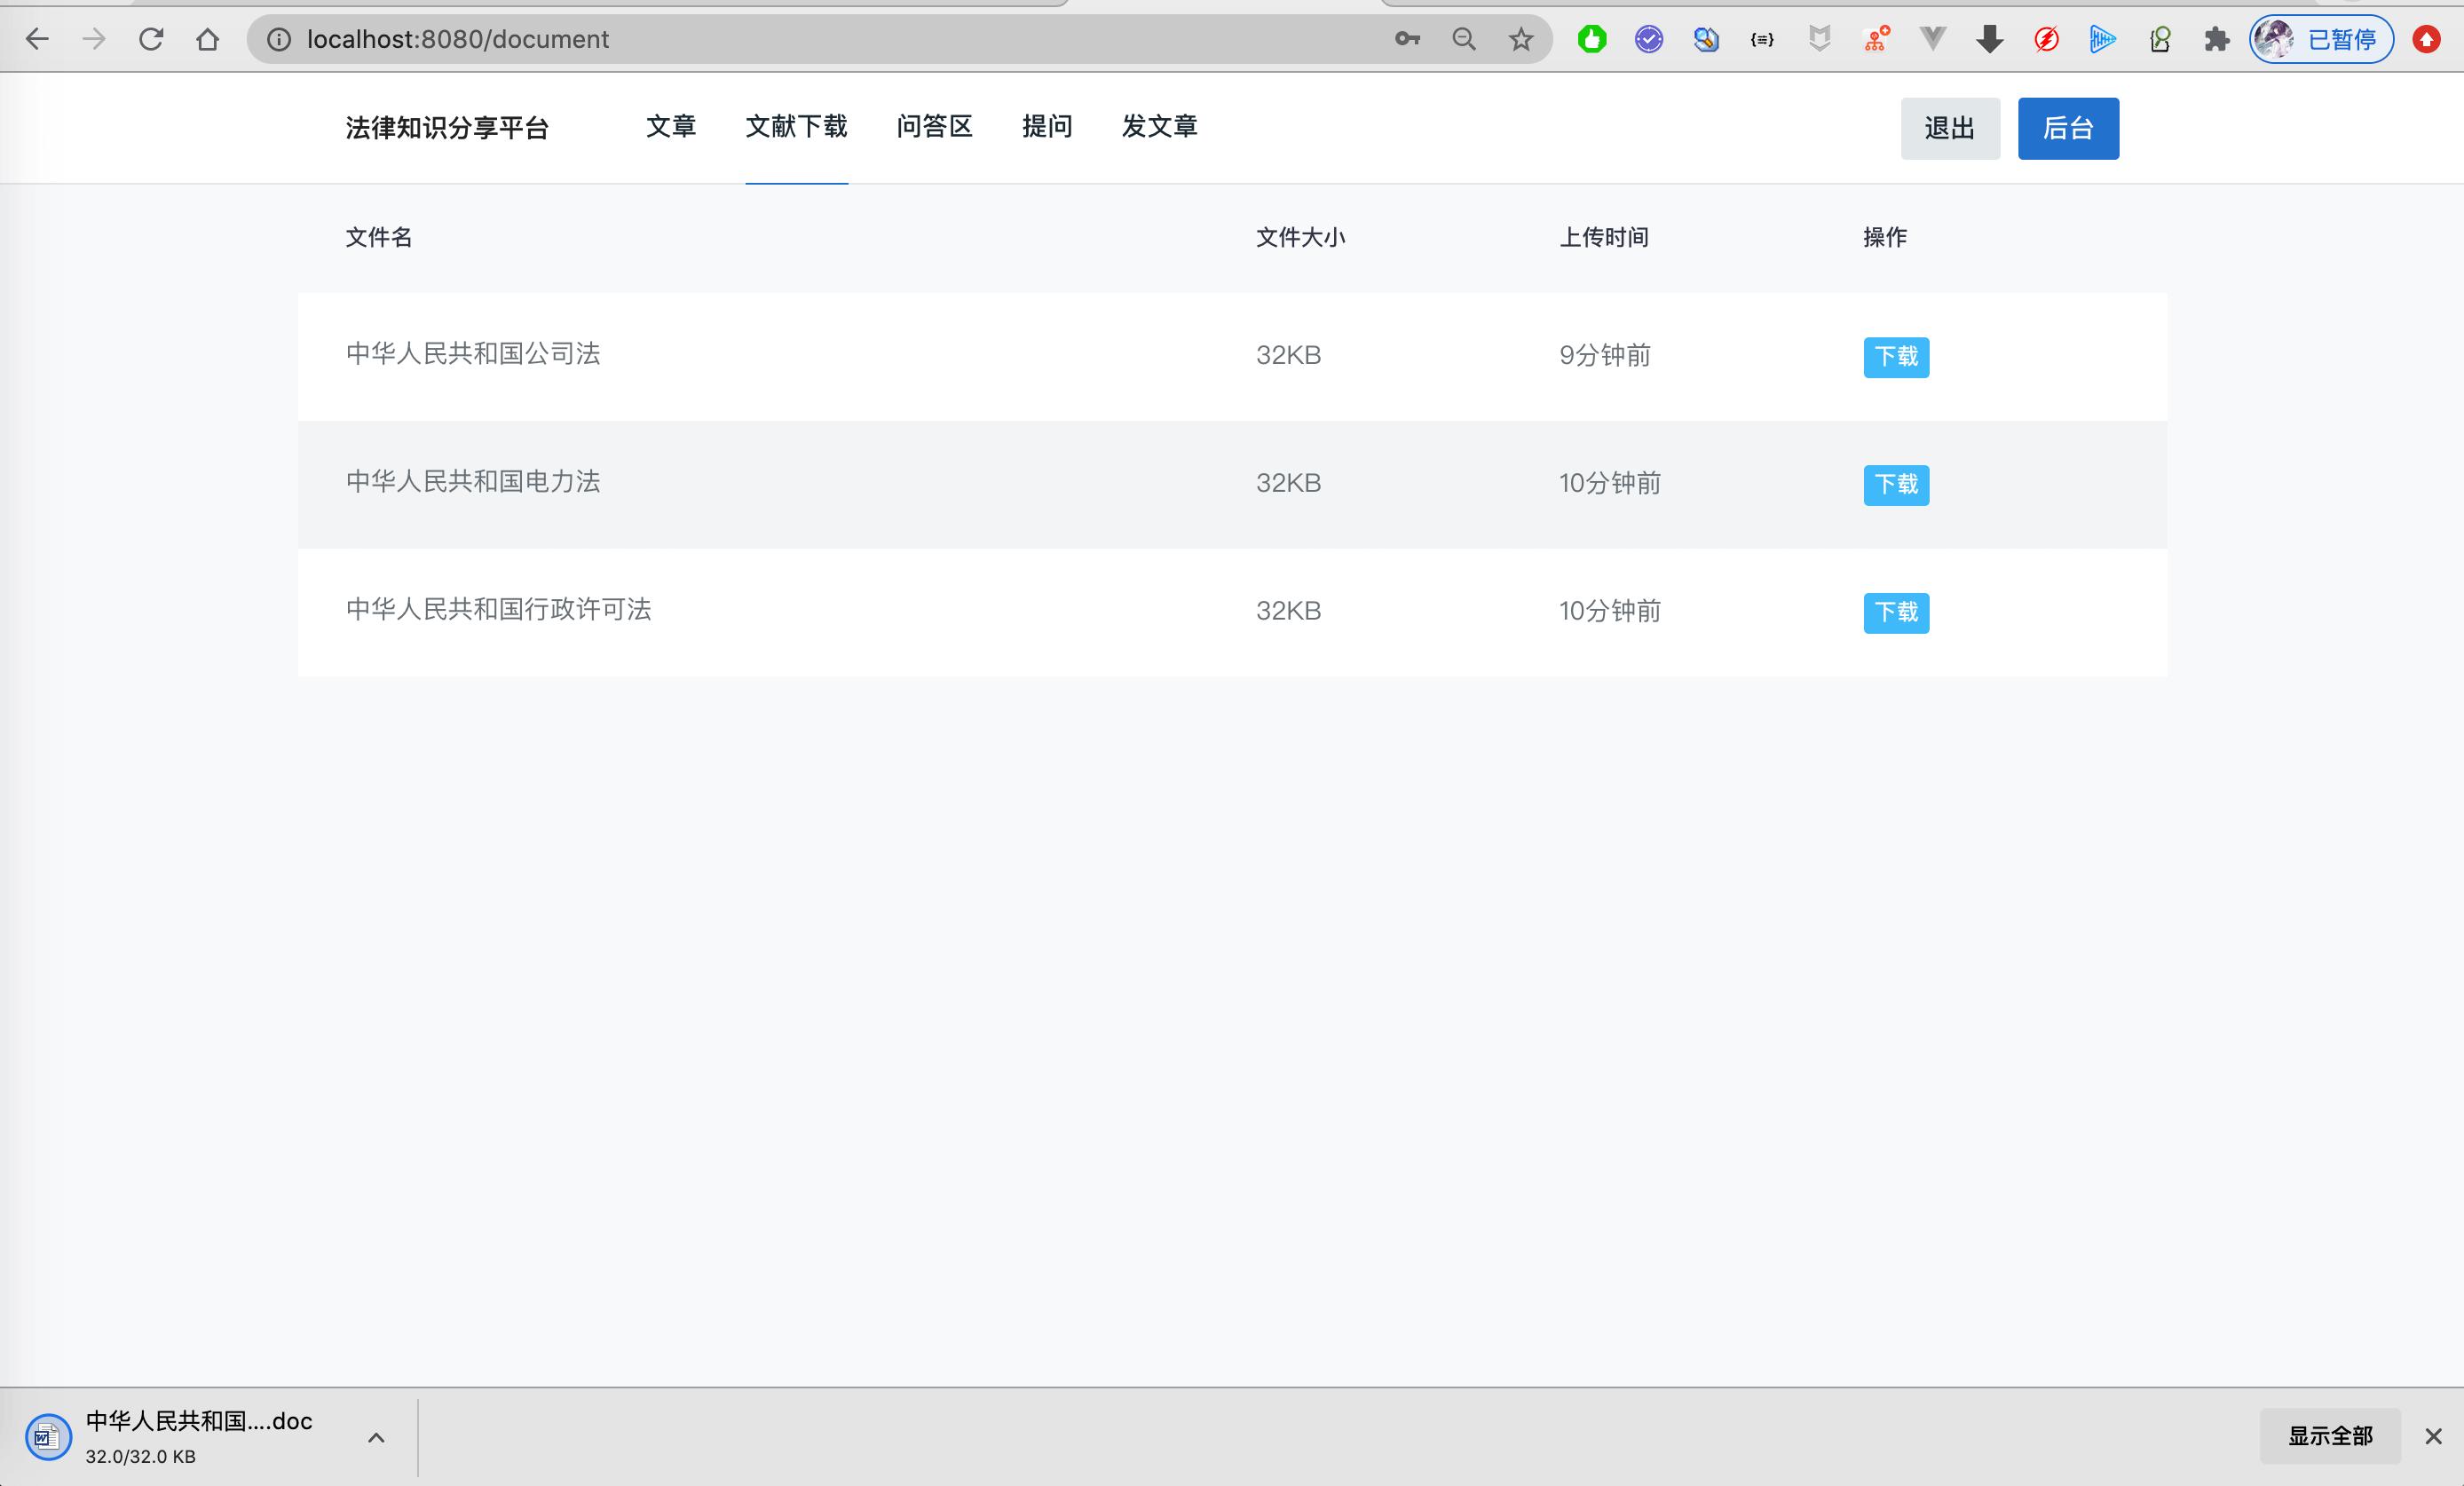 3-文献下载(支持下载).png